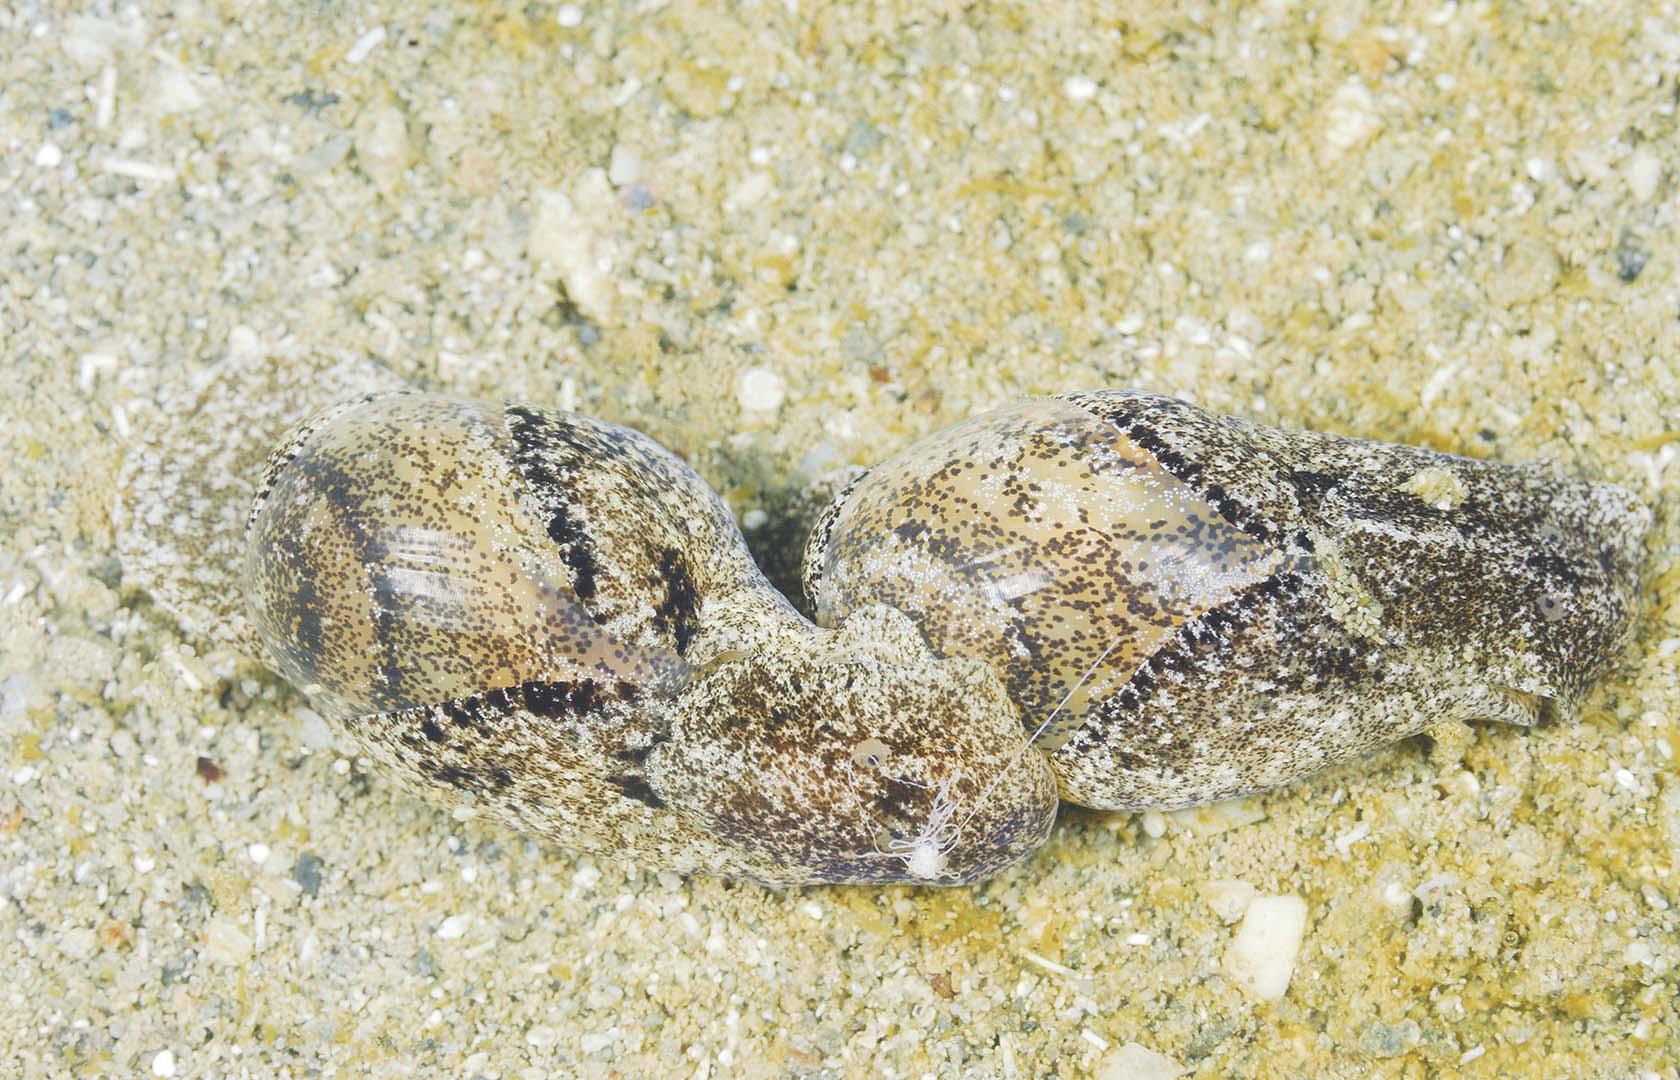 Pareja reproduciéndose, pueden formar largas cadenas de ejemplares.